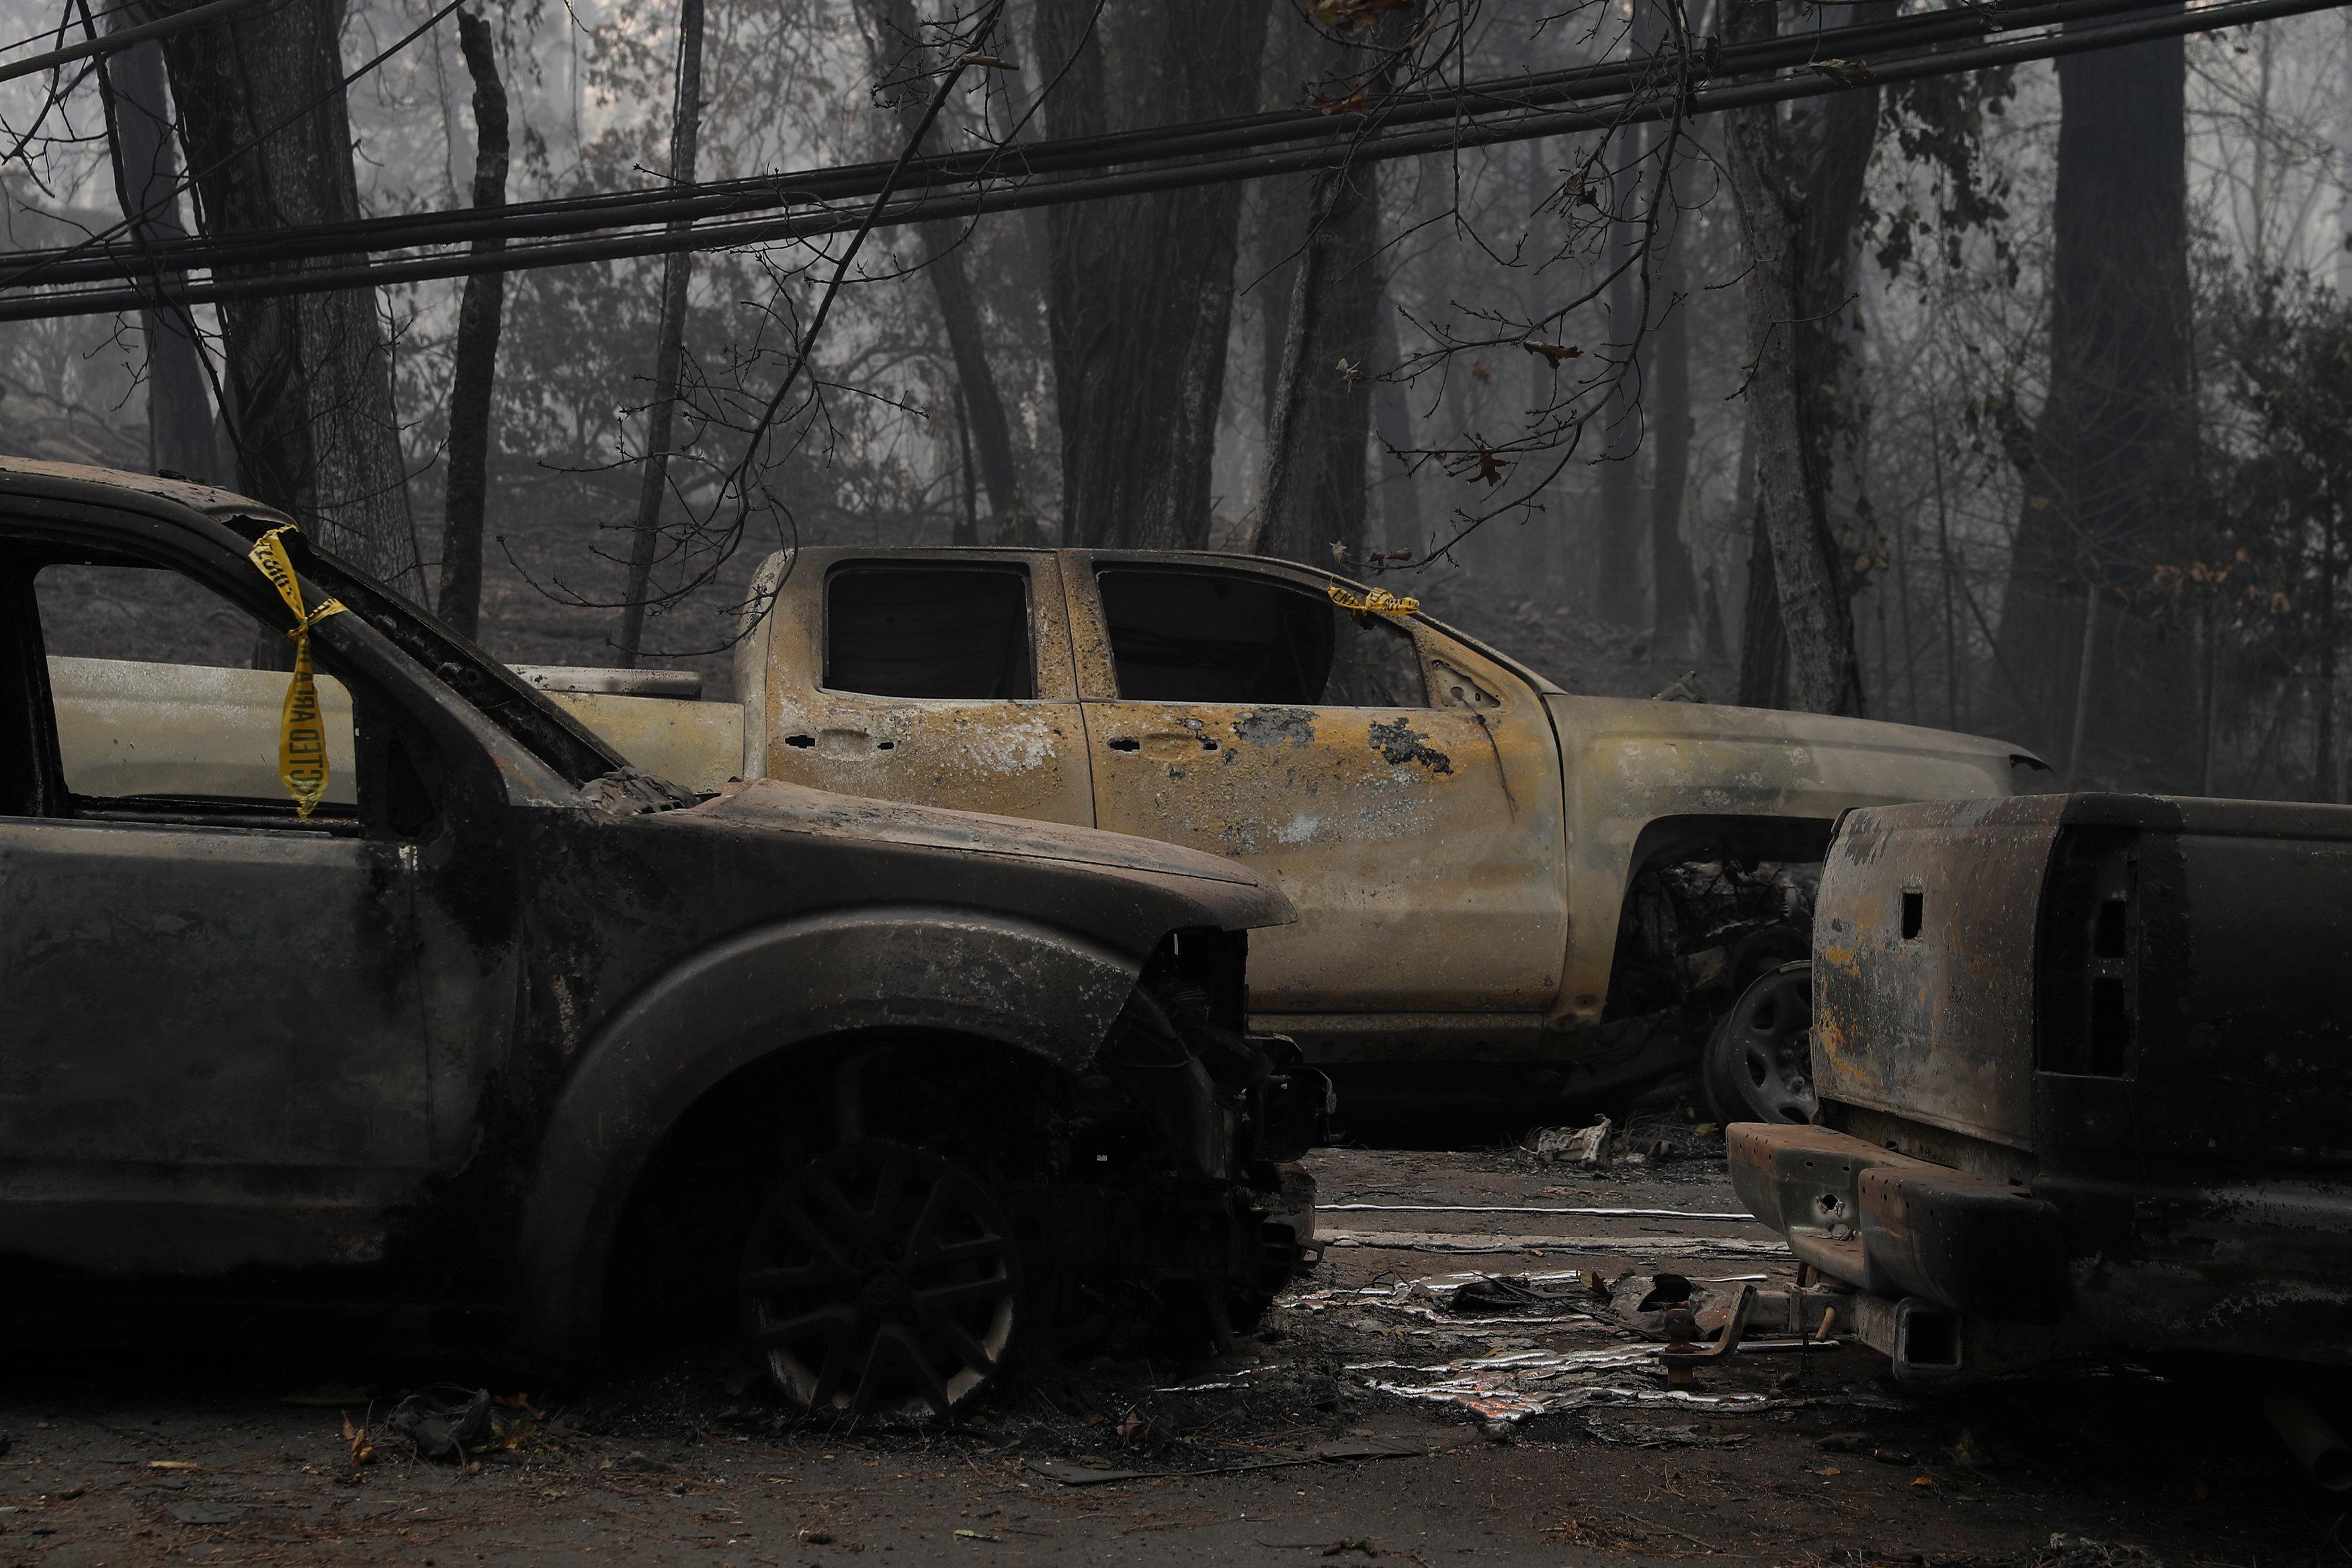 pyrini-kolasi-stin-kalifornia-25-nekroi-amp-8211-anypologistes-katastrofes-fotografies7